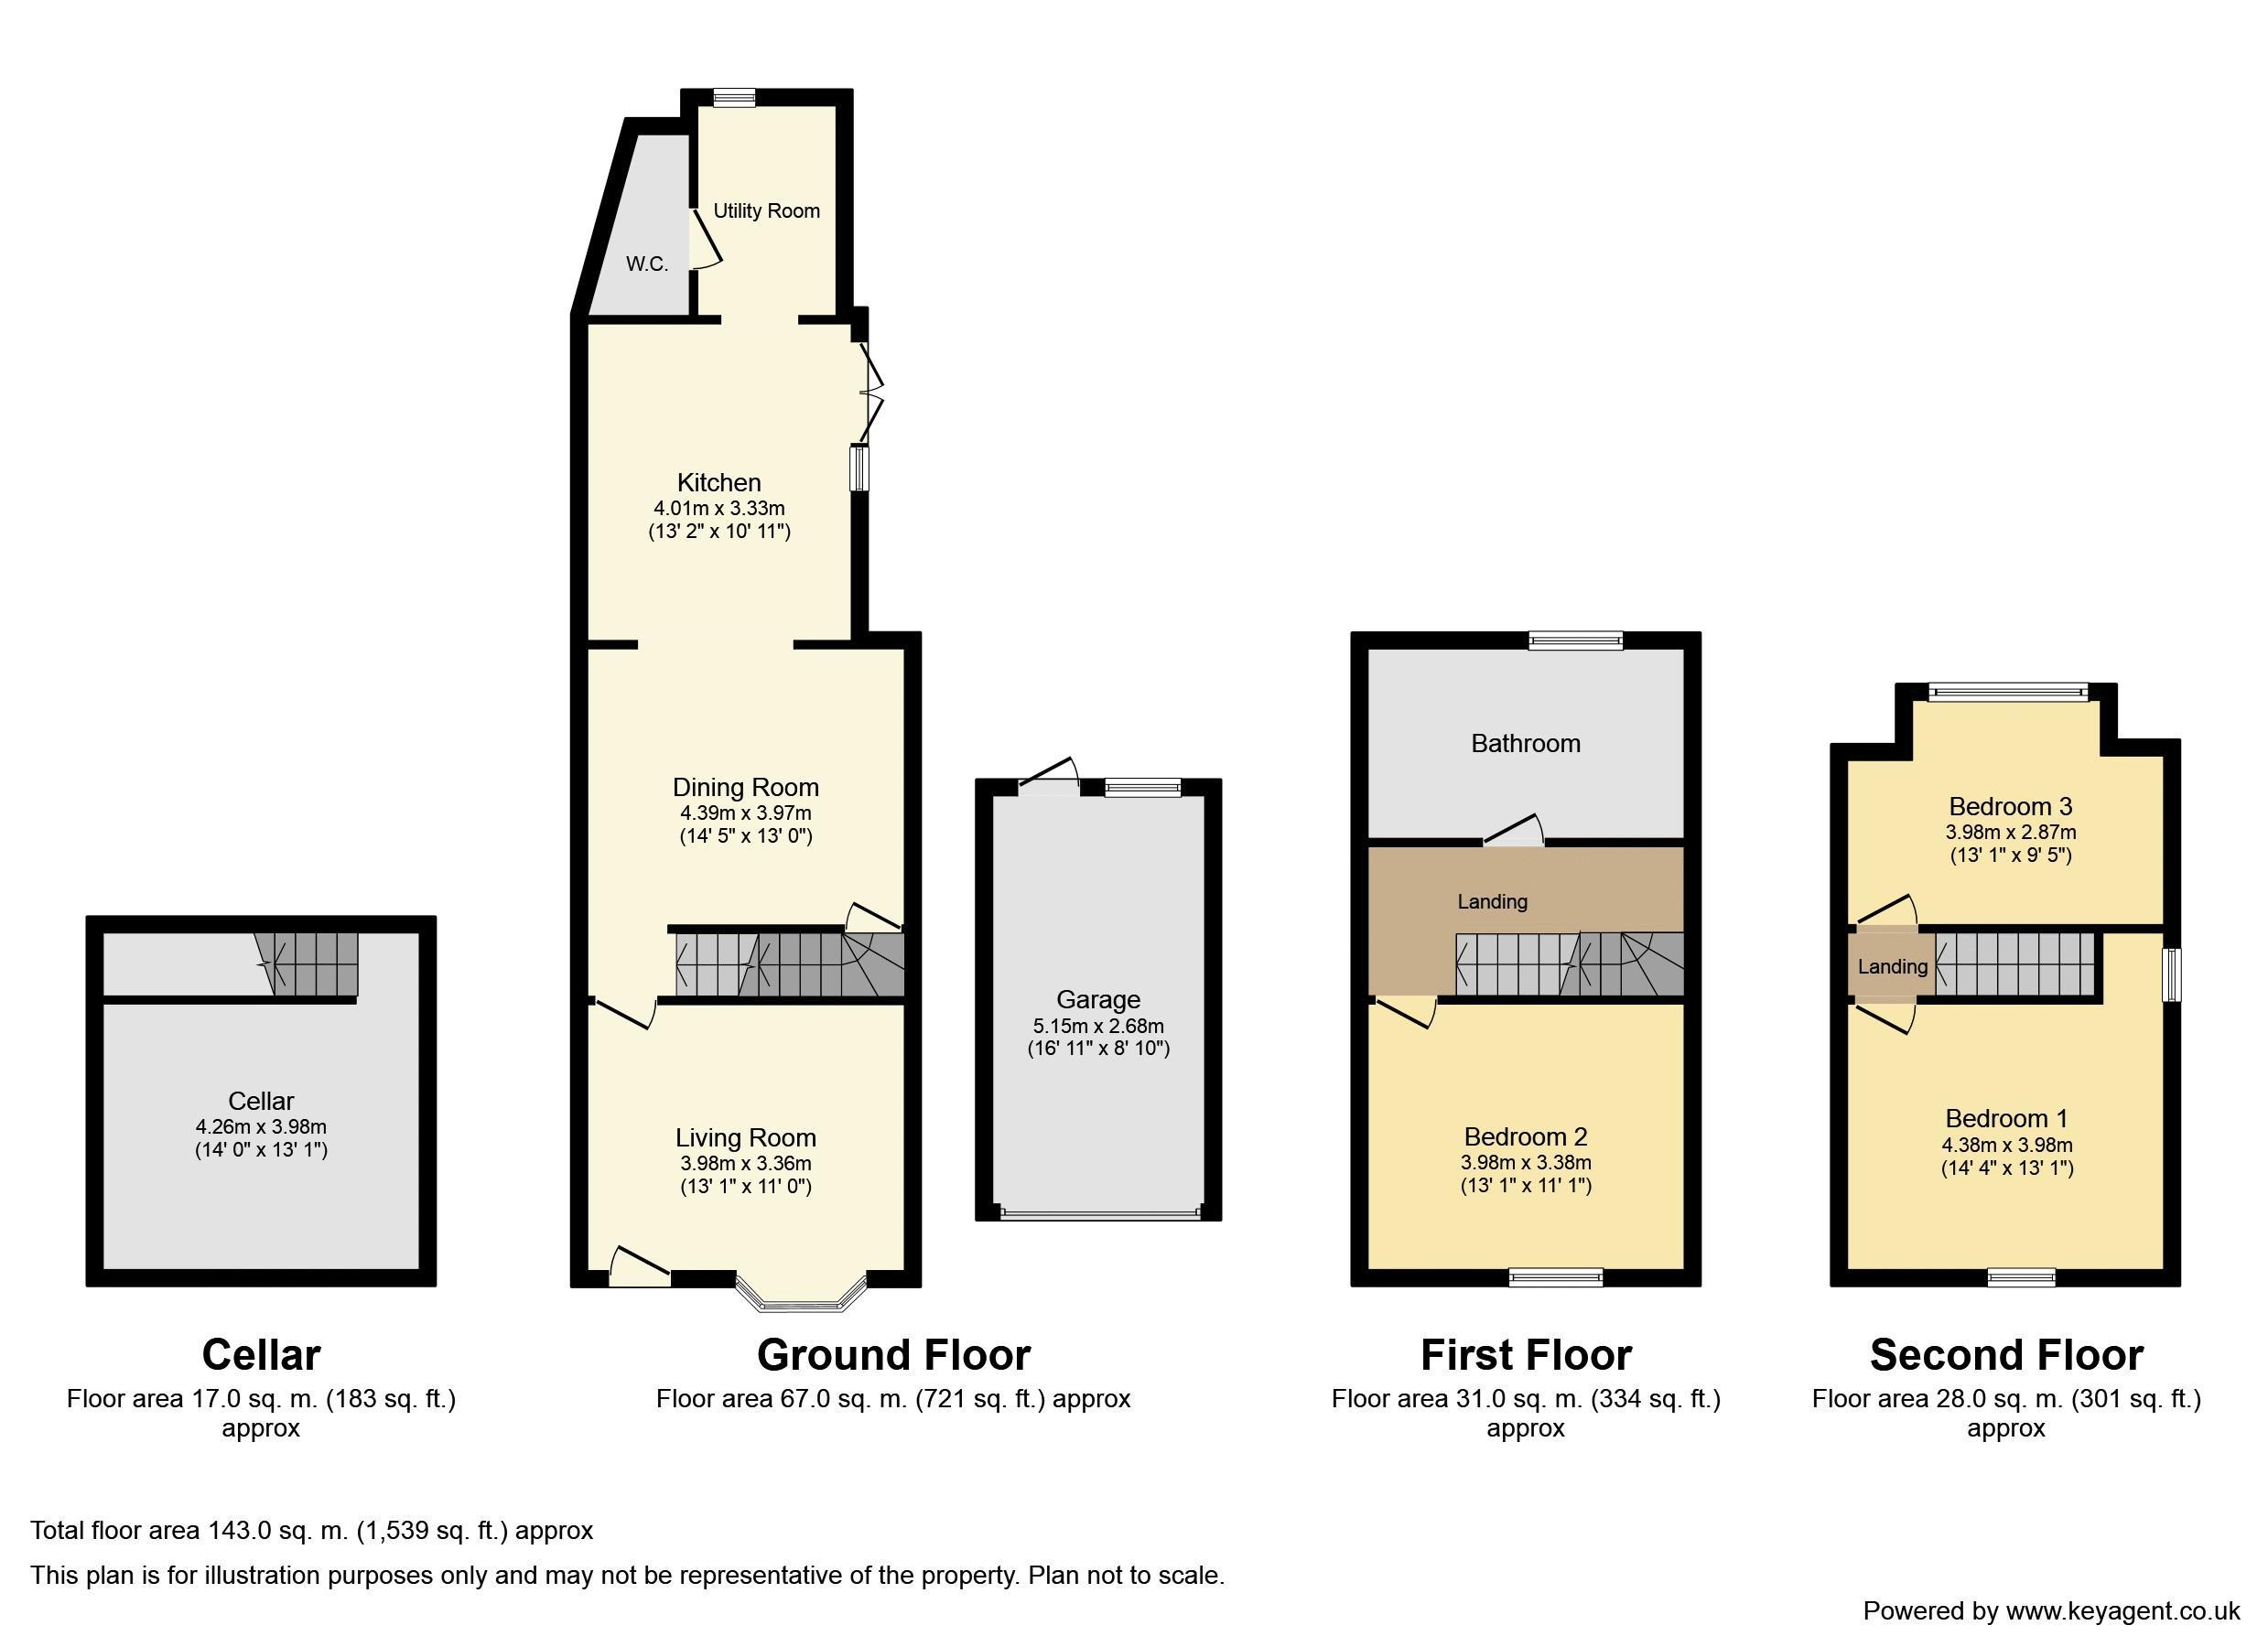 Mill Lane, West Midlands. Floorplan.